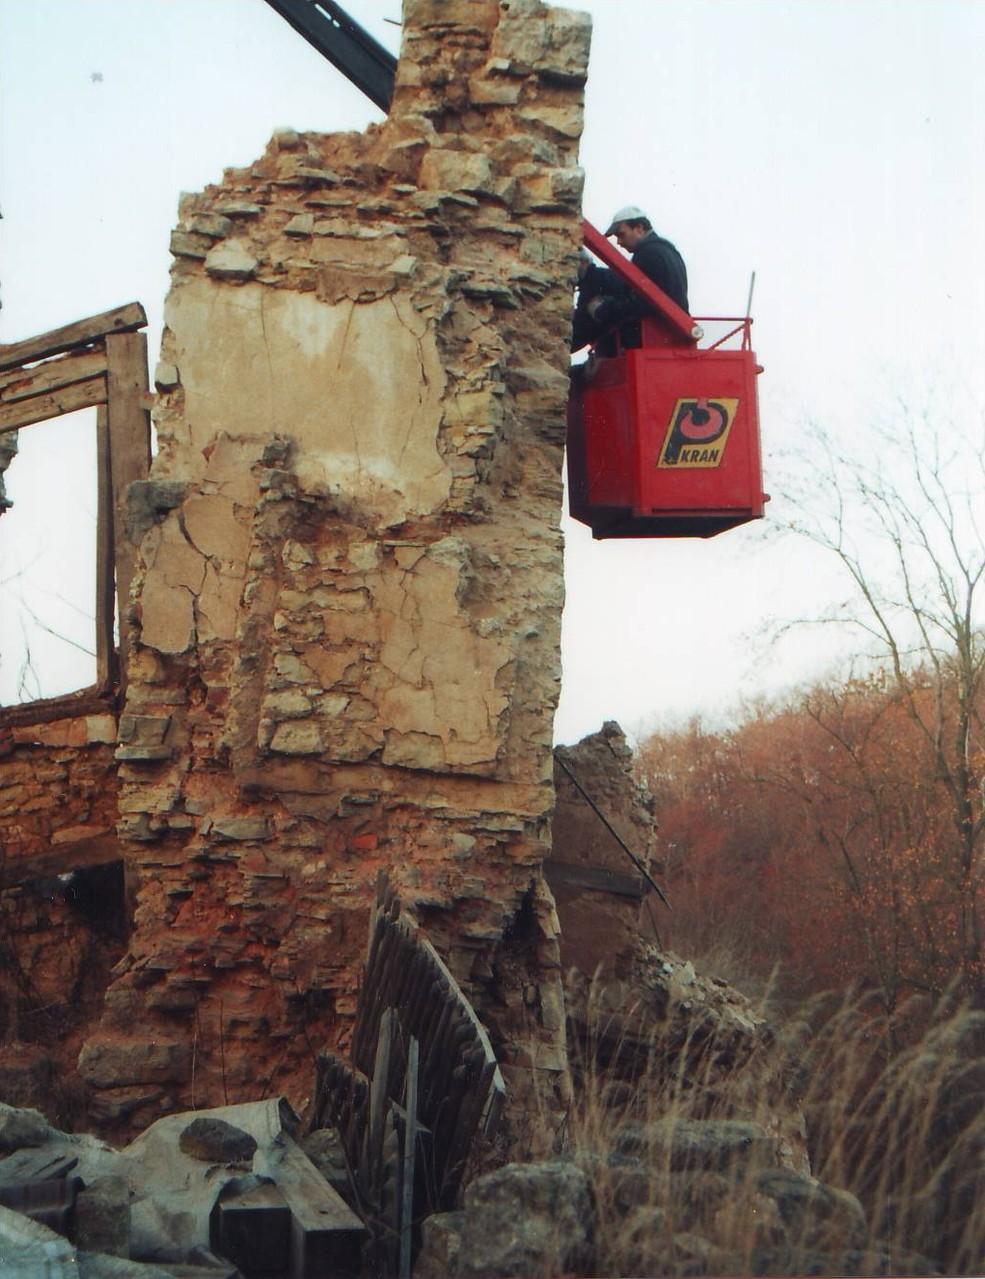 Kranausleger mit Korb zum gerüstfreien Erreichen schwer zugänglicher Stellen